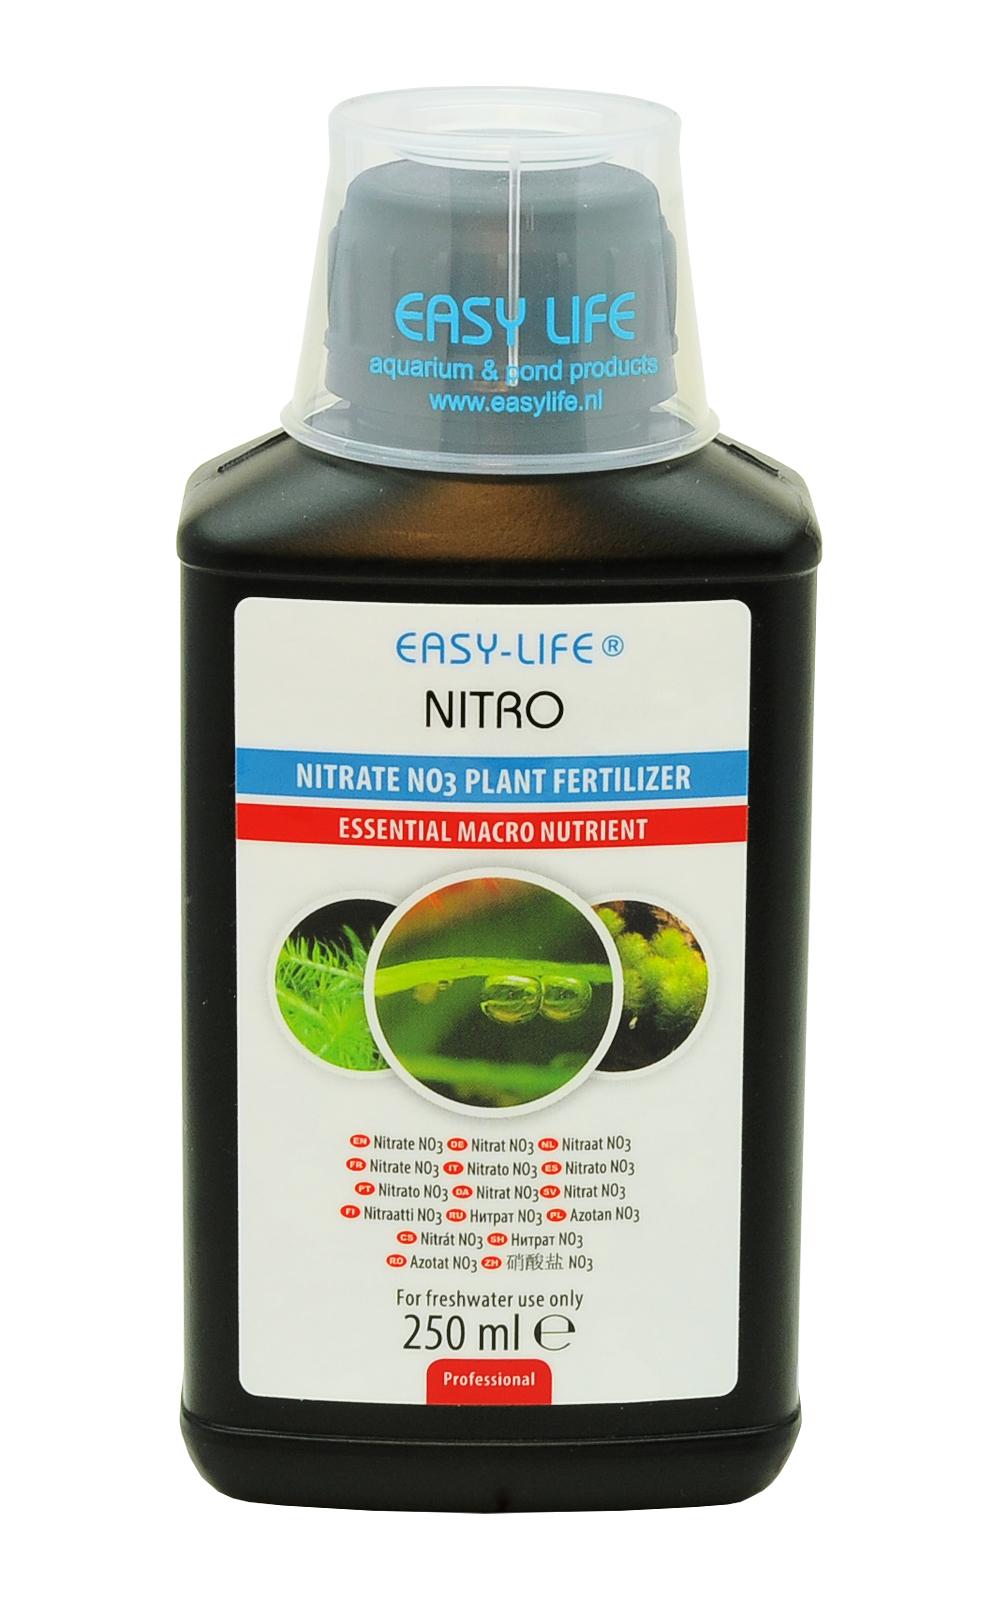 EASY-LIFE Nitro 250ml pour le contrôle de la teneur en NO3 dans les aquariums plantés